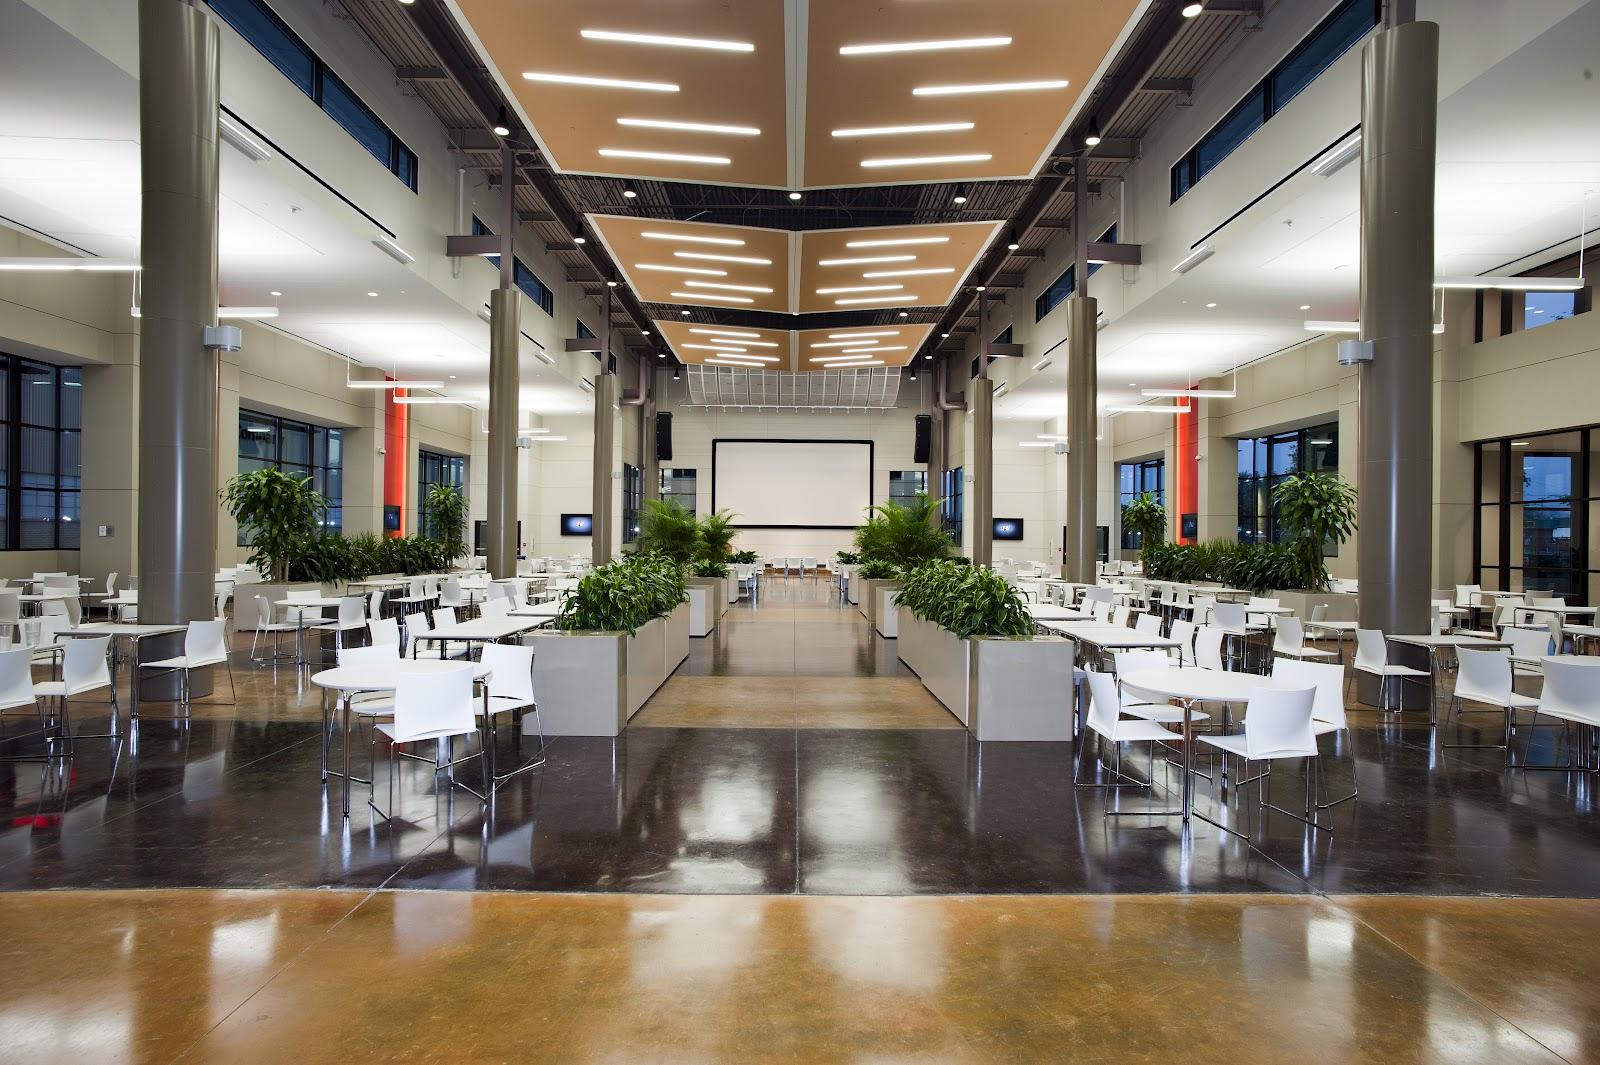 Dallas design corporate cafeteria 39 s for Architects corporation